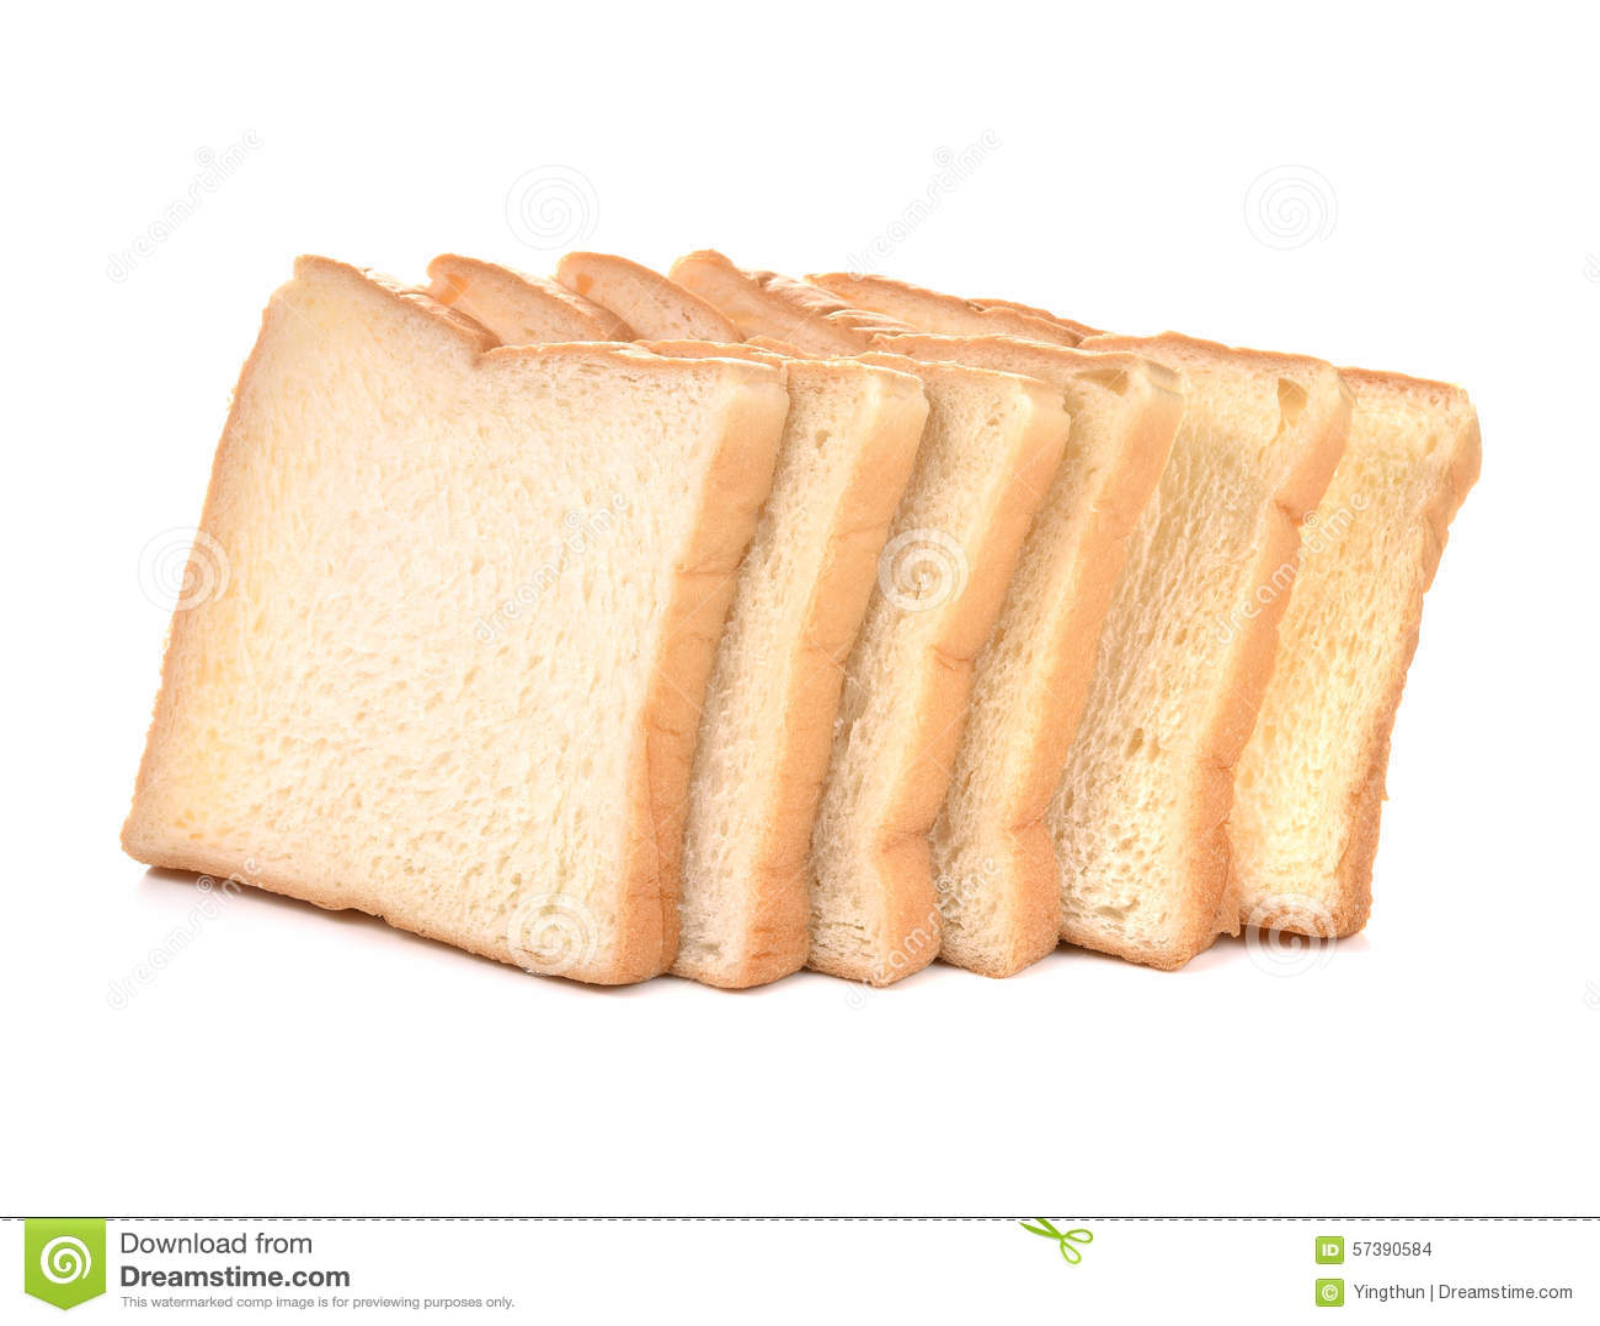 Het gesneden brood isoleerde witte achtergrond